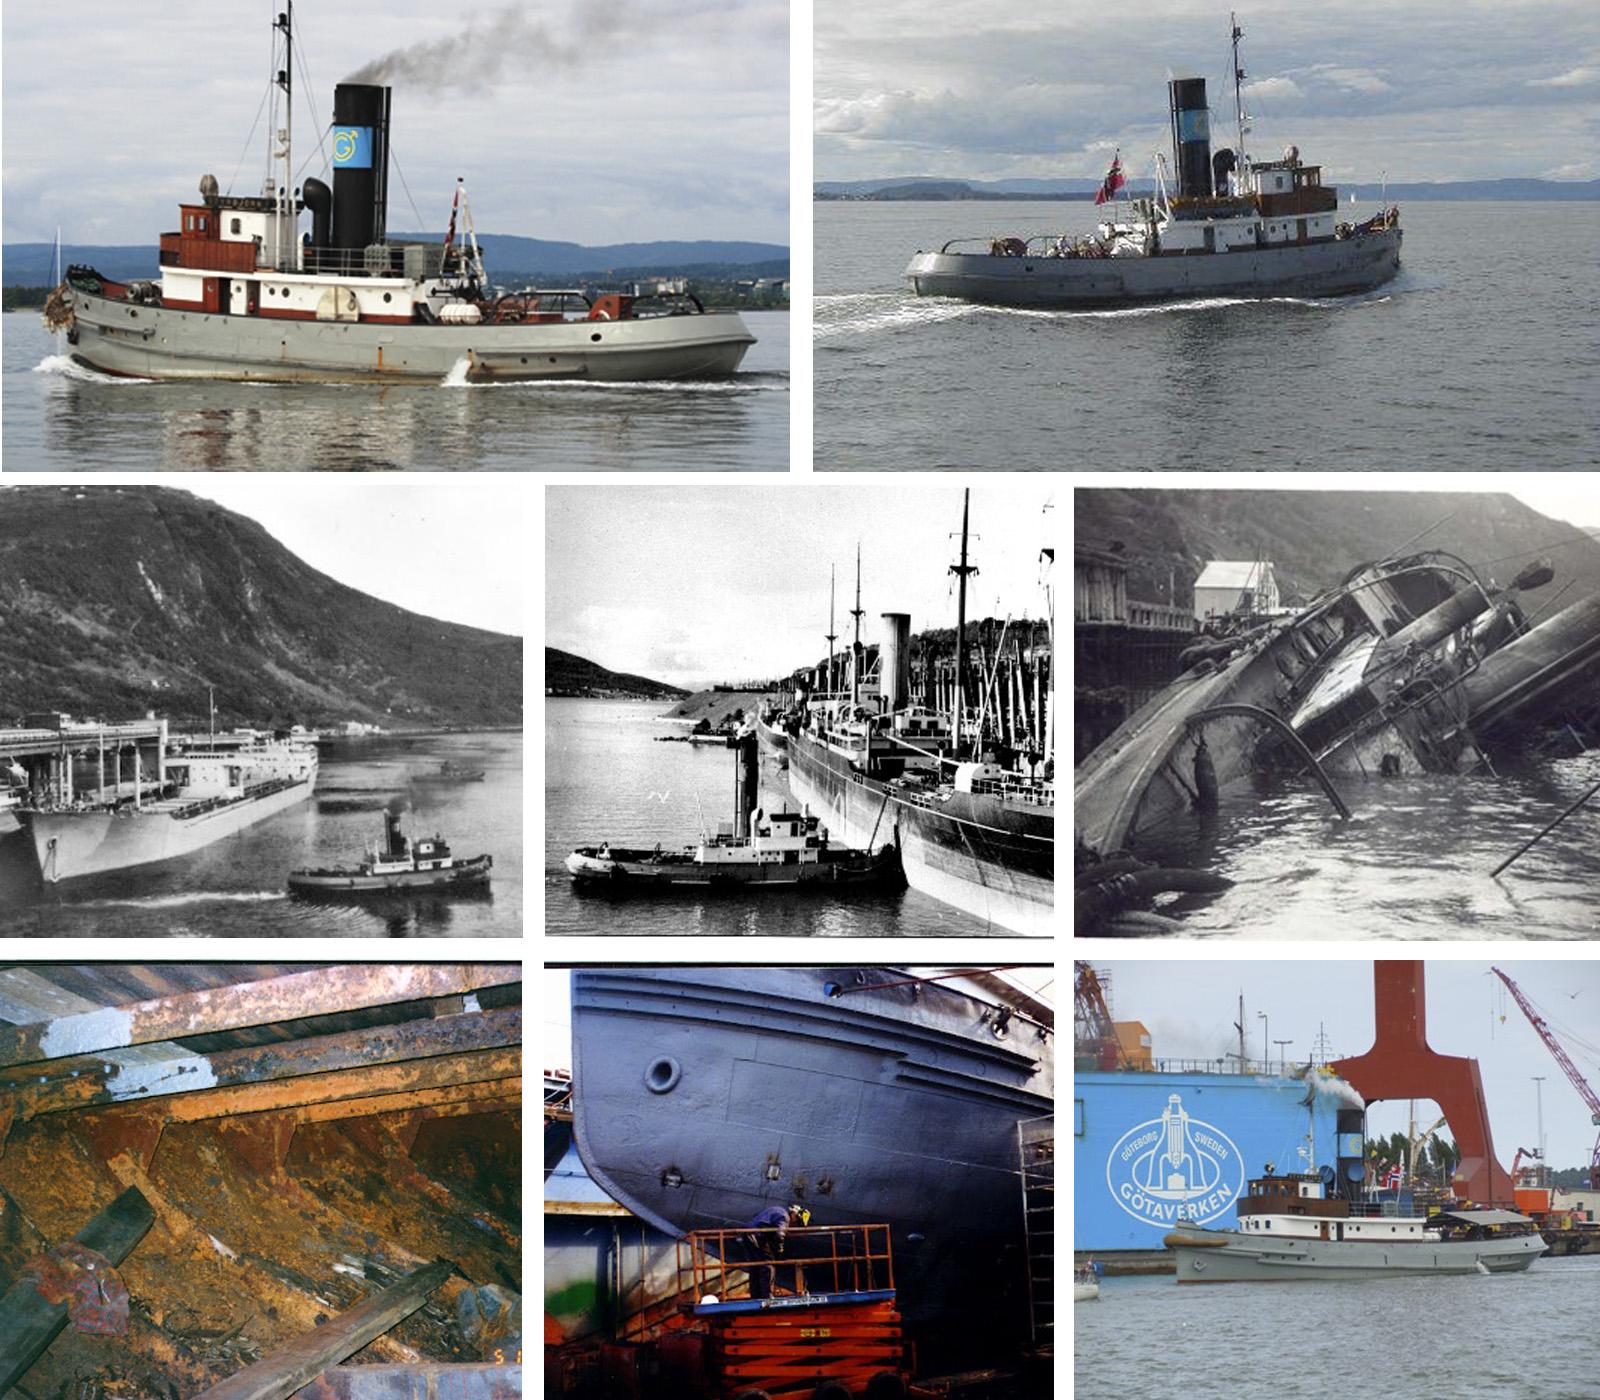 DS Styrbjørn ble bygget i 1910 som slepebåt i malmdriften. I 1940 ble den senket av tyskerne, og i 1979 kjøpt av Norsk Veteranskibsklub som har satt den i stand. DS Styrbjørn ligger i dag til kai på Akershusstranda ved rådhuset i Oslo. (Foto: Norsk kulturminnefond)